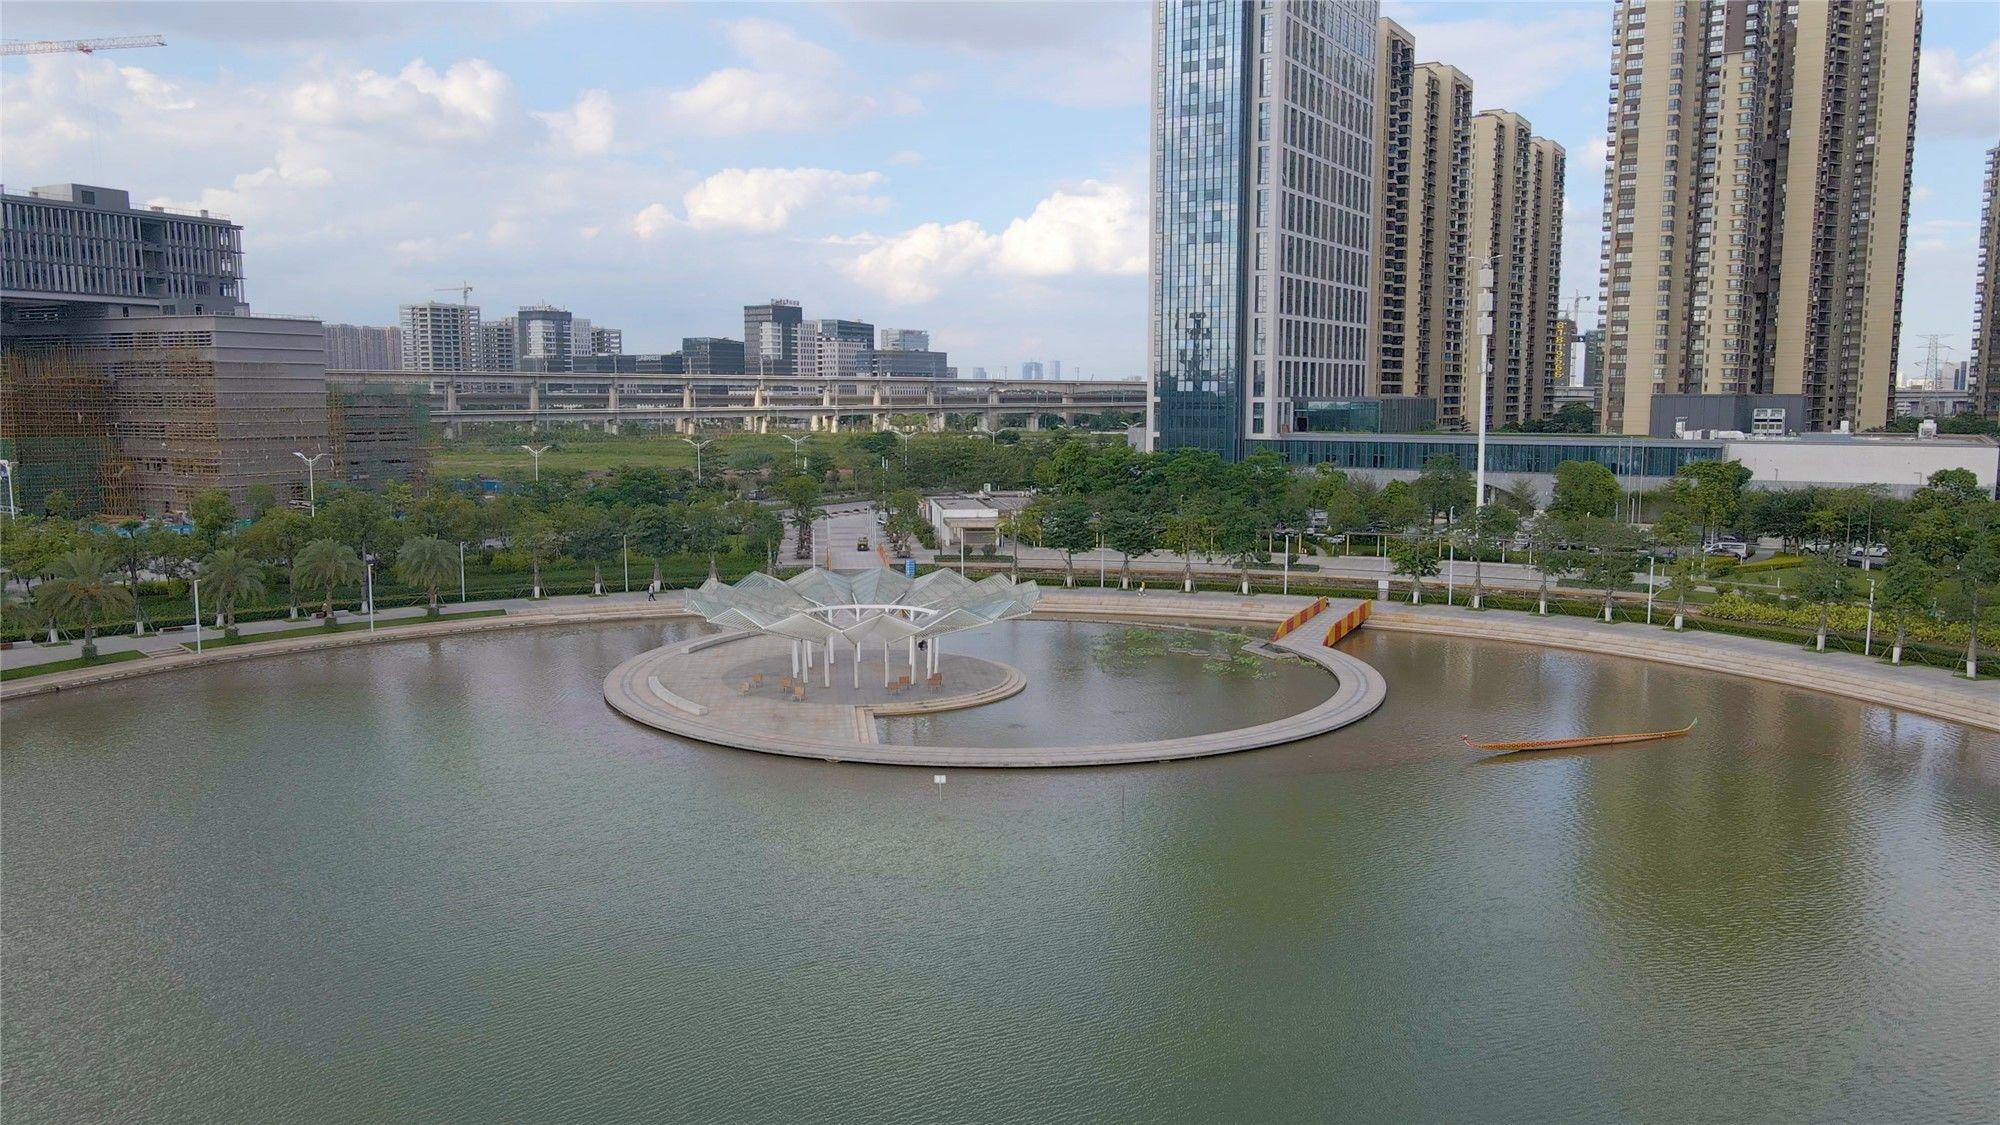 大手笔优生态!三龙湾南海片区三年建设超百个公园